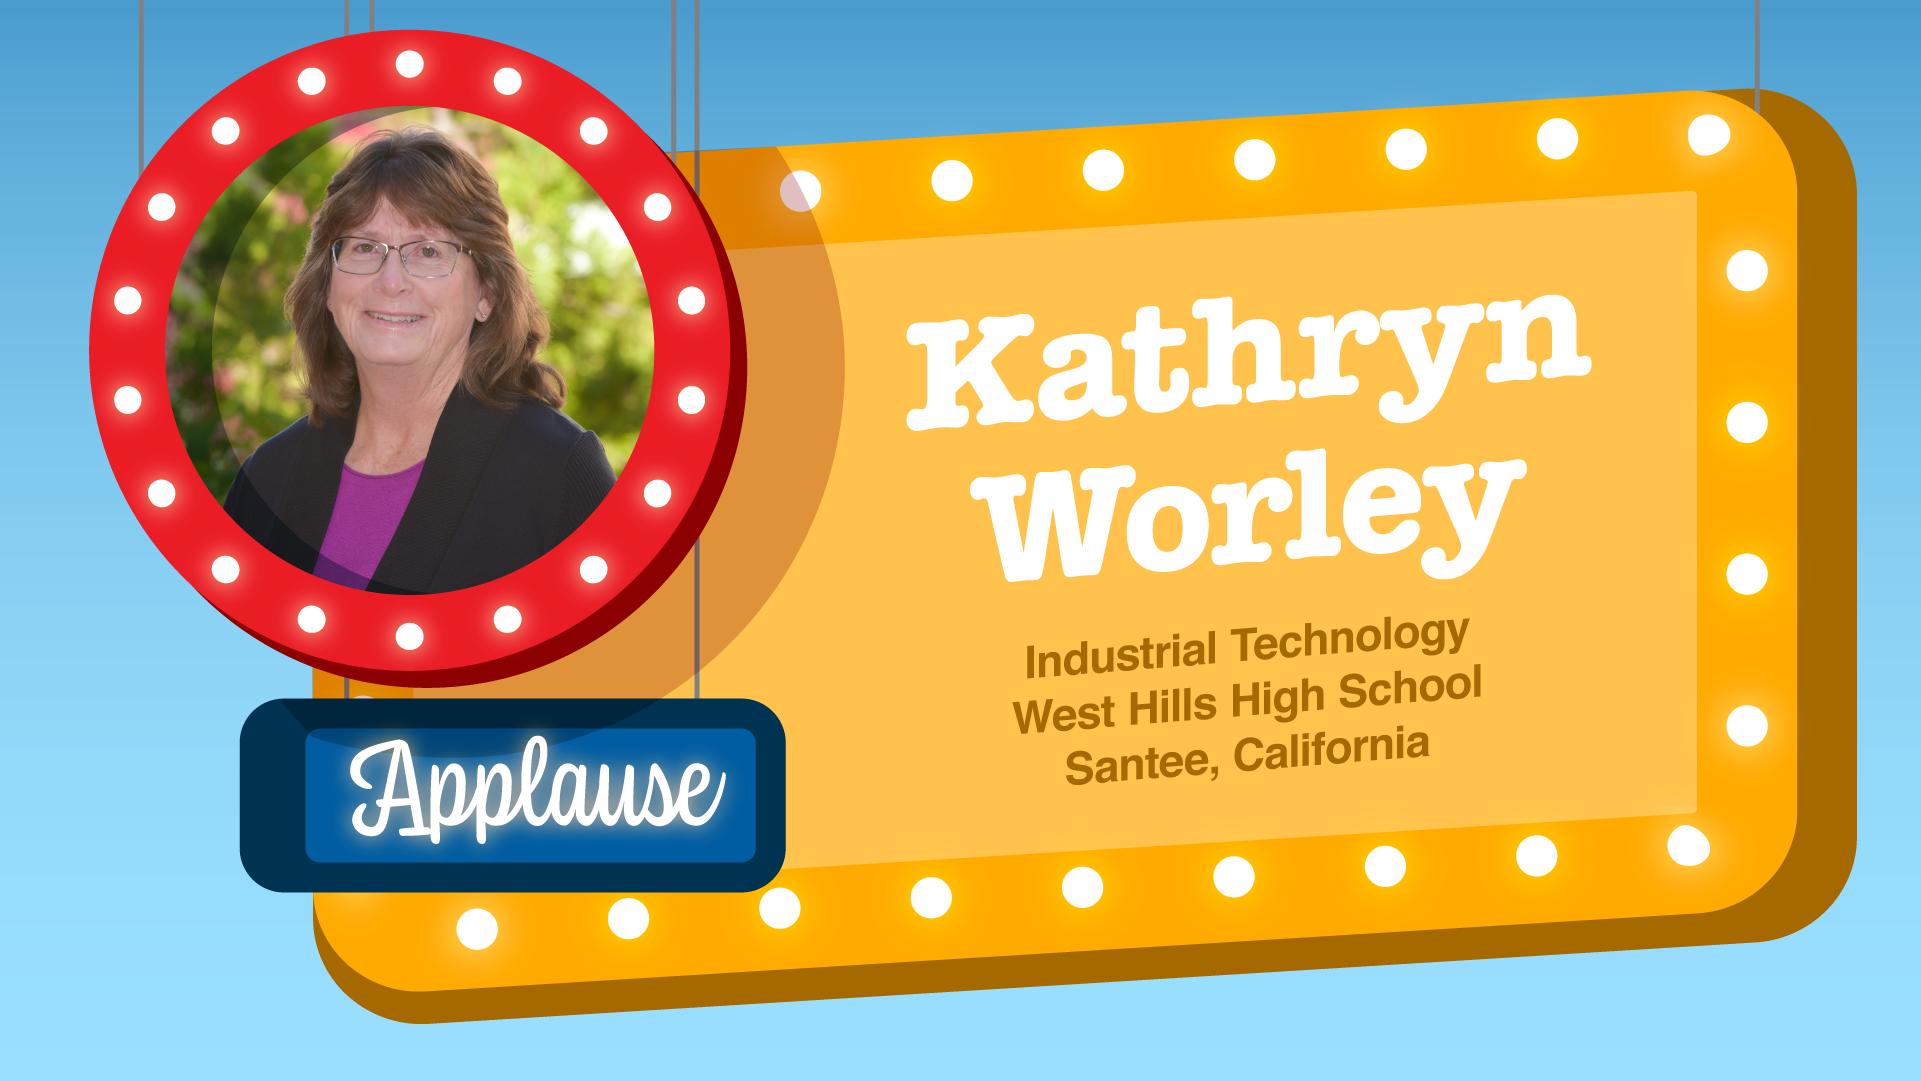 Kathryn Worley